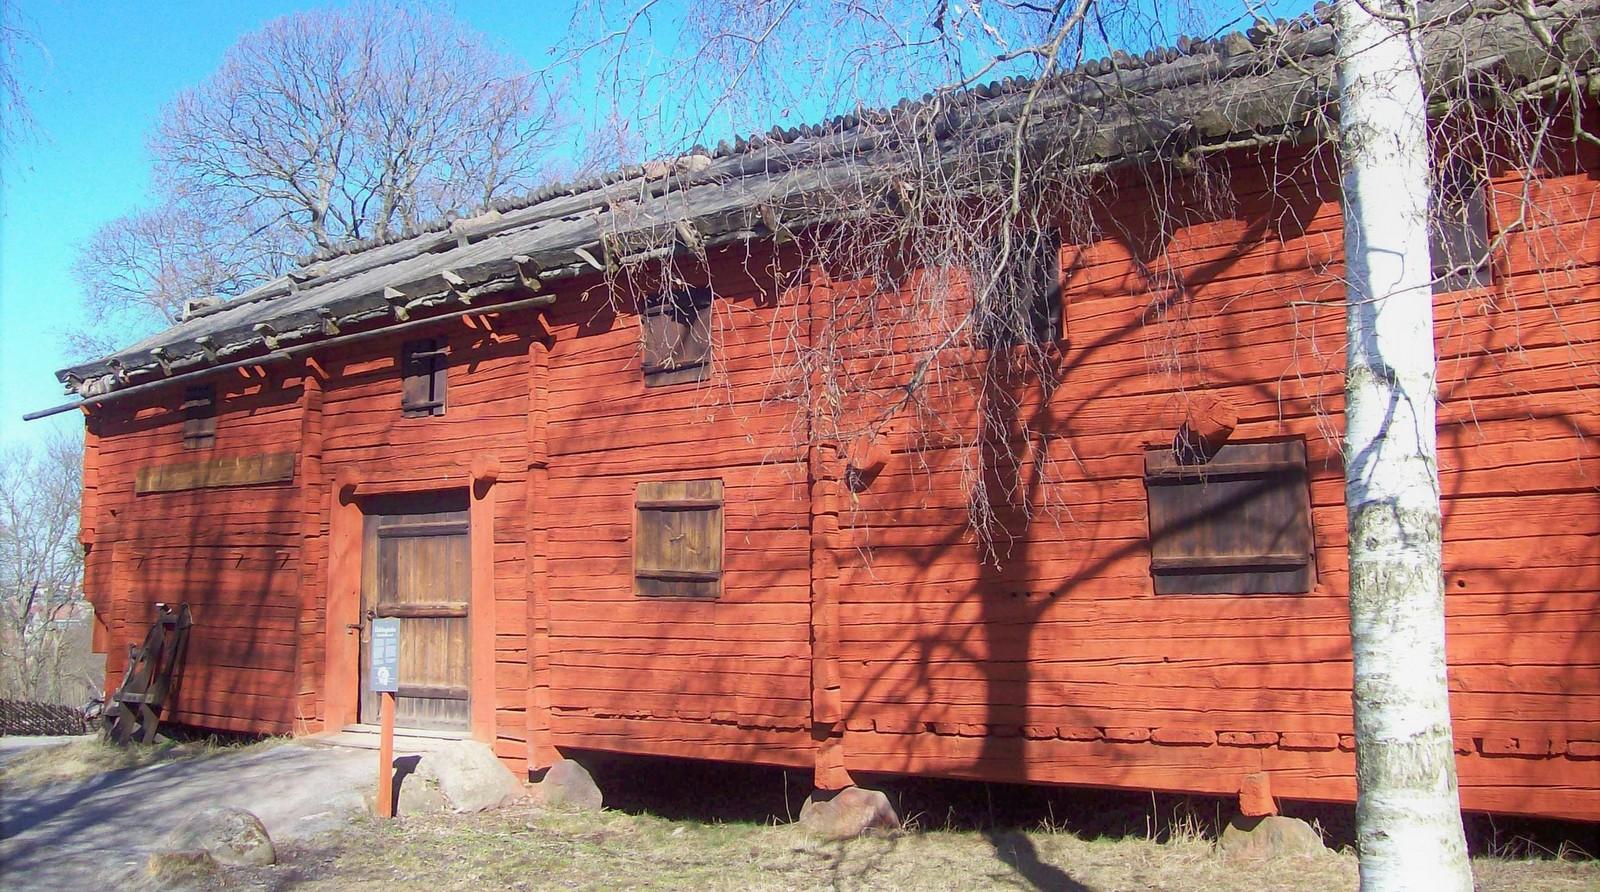 Holzgebäude in Falunrot - Skansen